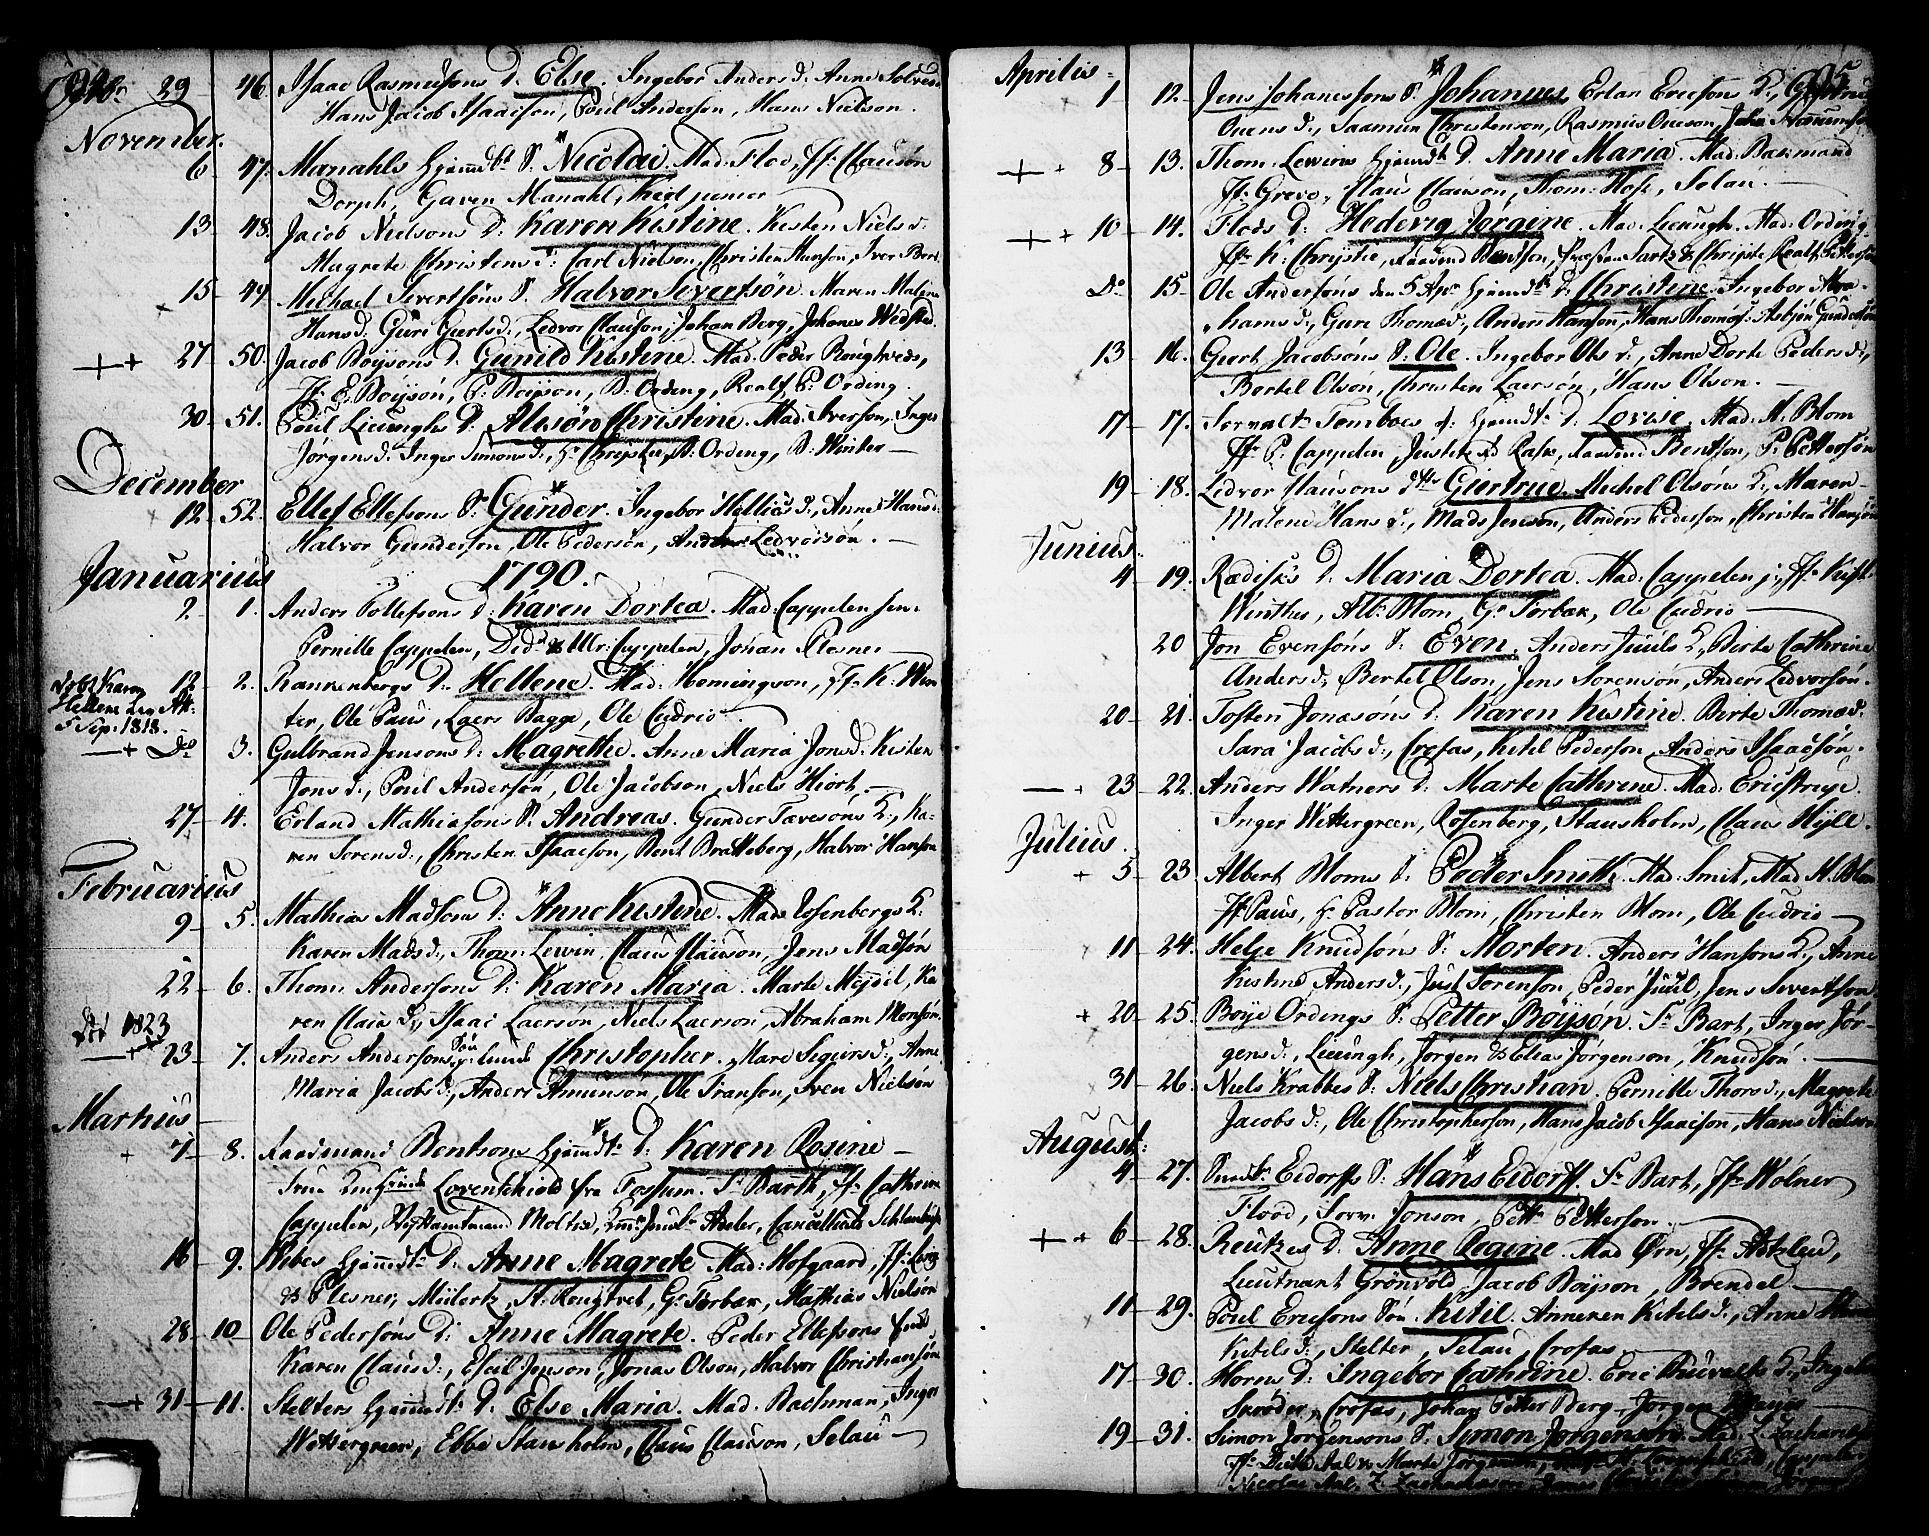 SAKO, Skien kirkebøker, F/Fa/L0003: Ministerialbok nr. 3, 1755-1791, s. 94-95